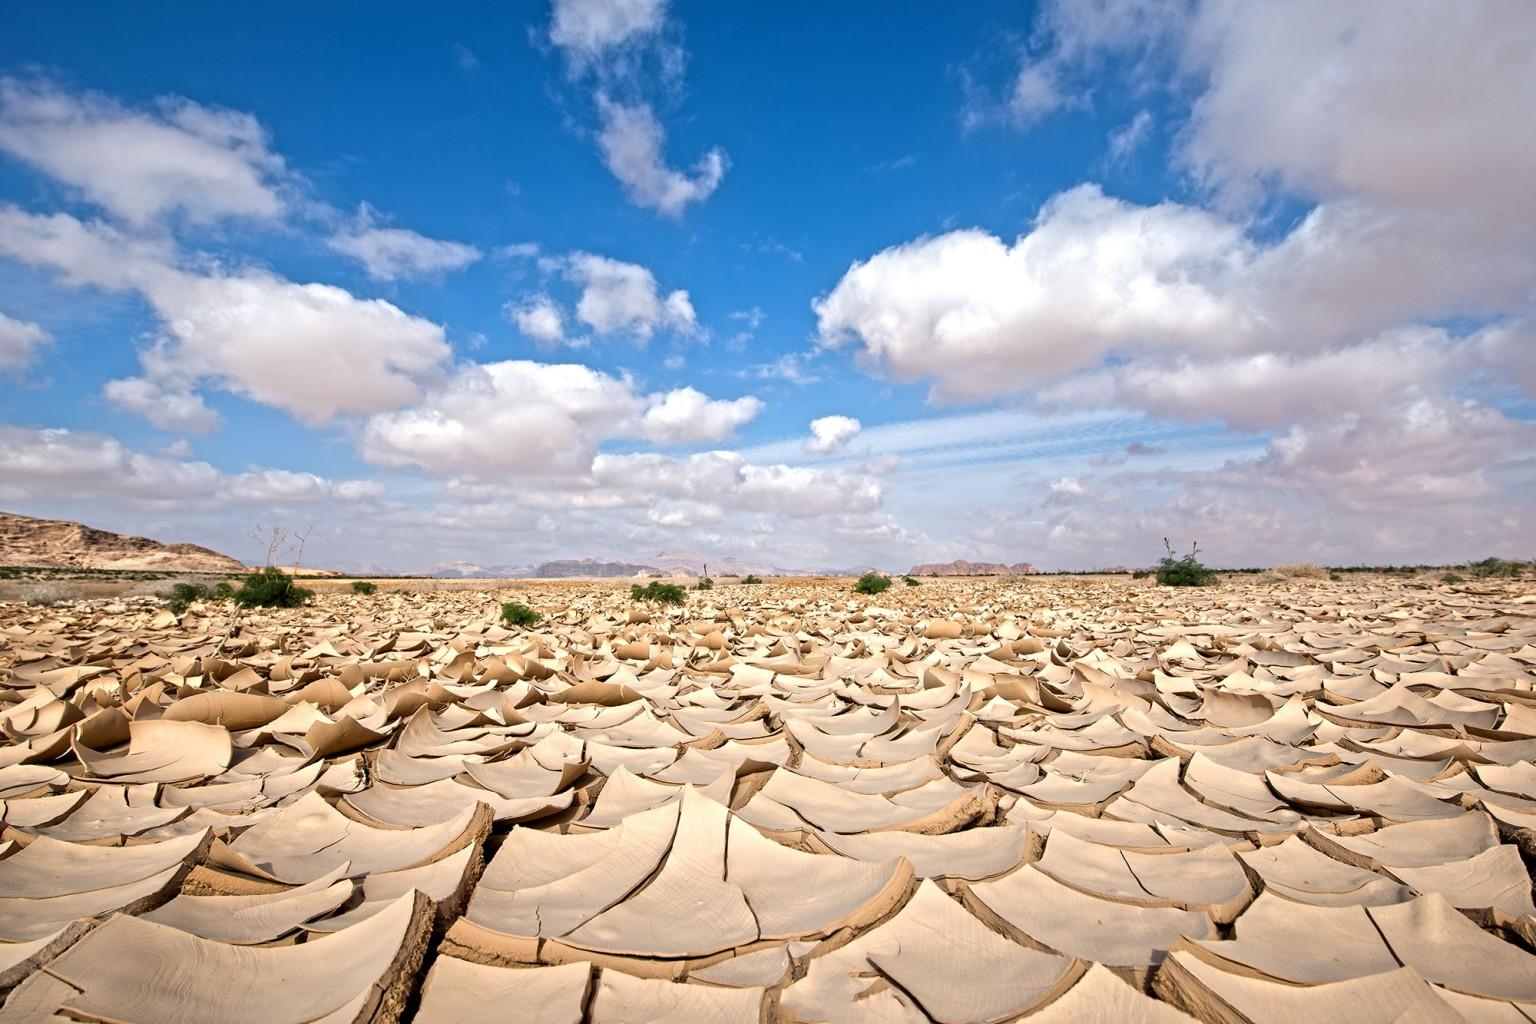 Wadi Rum desert after the rain